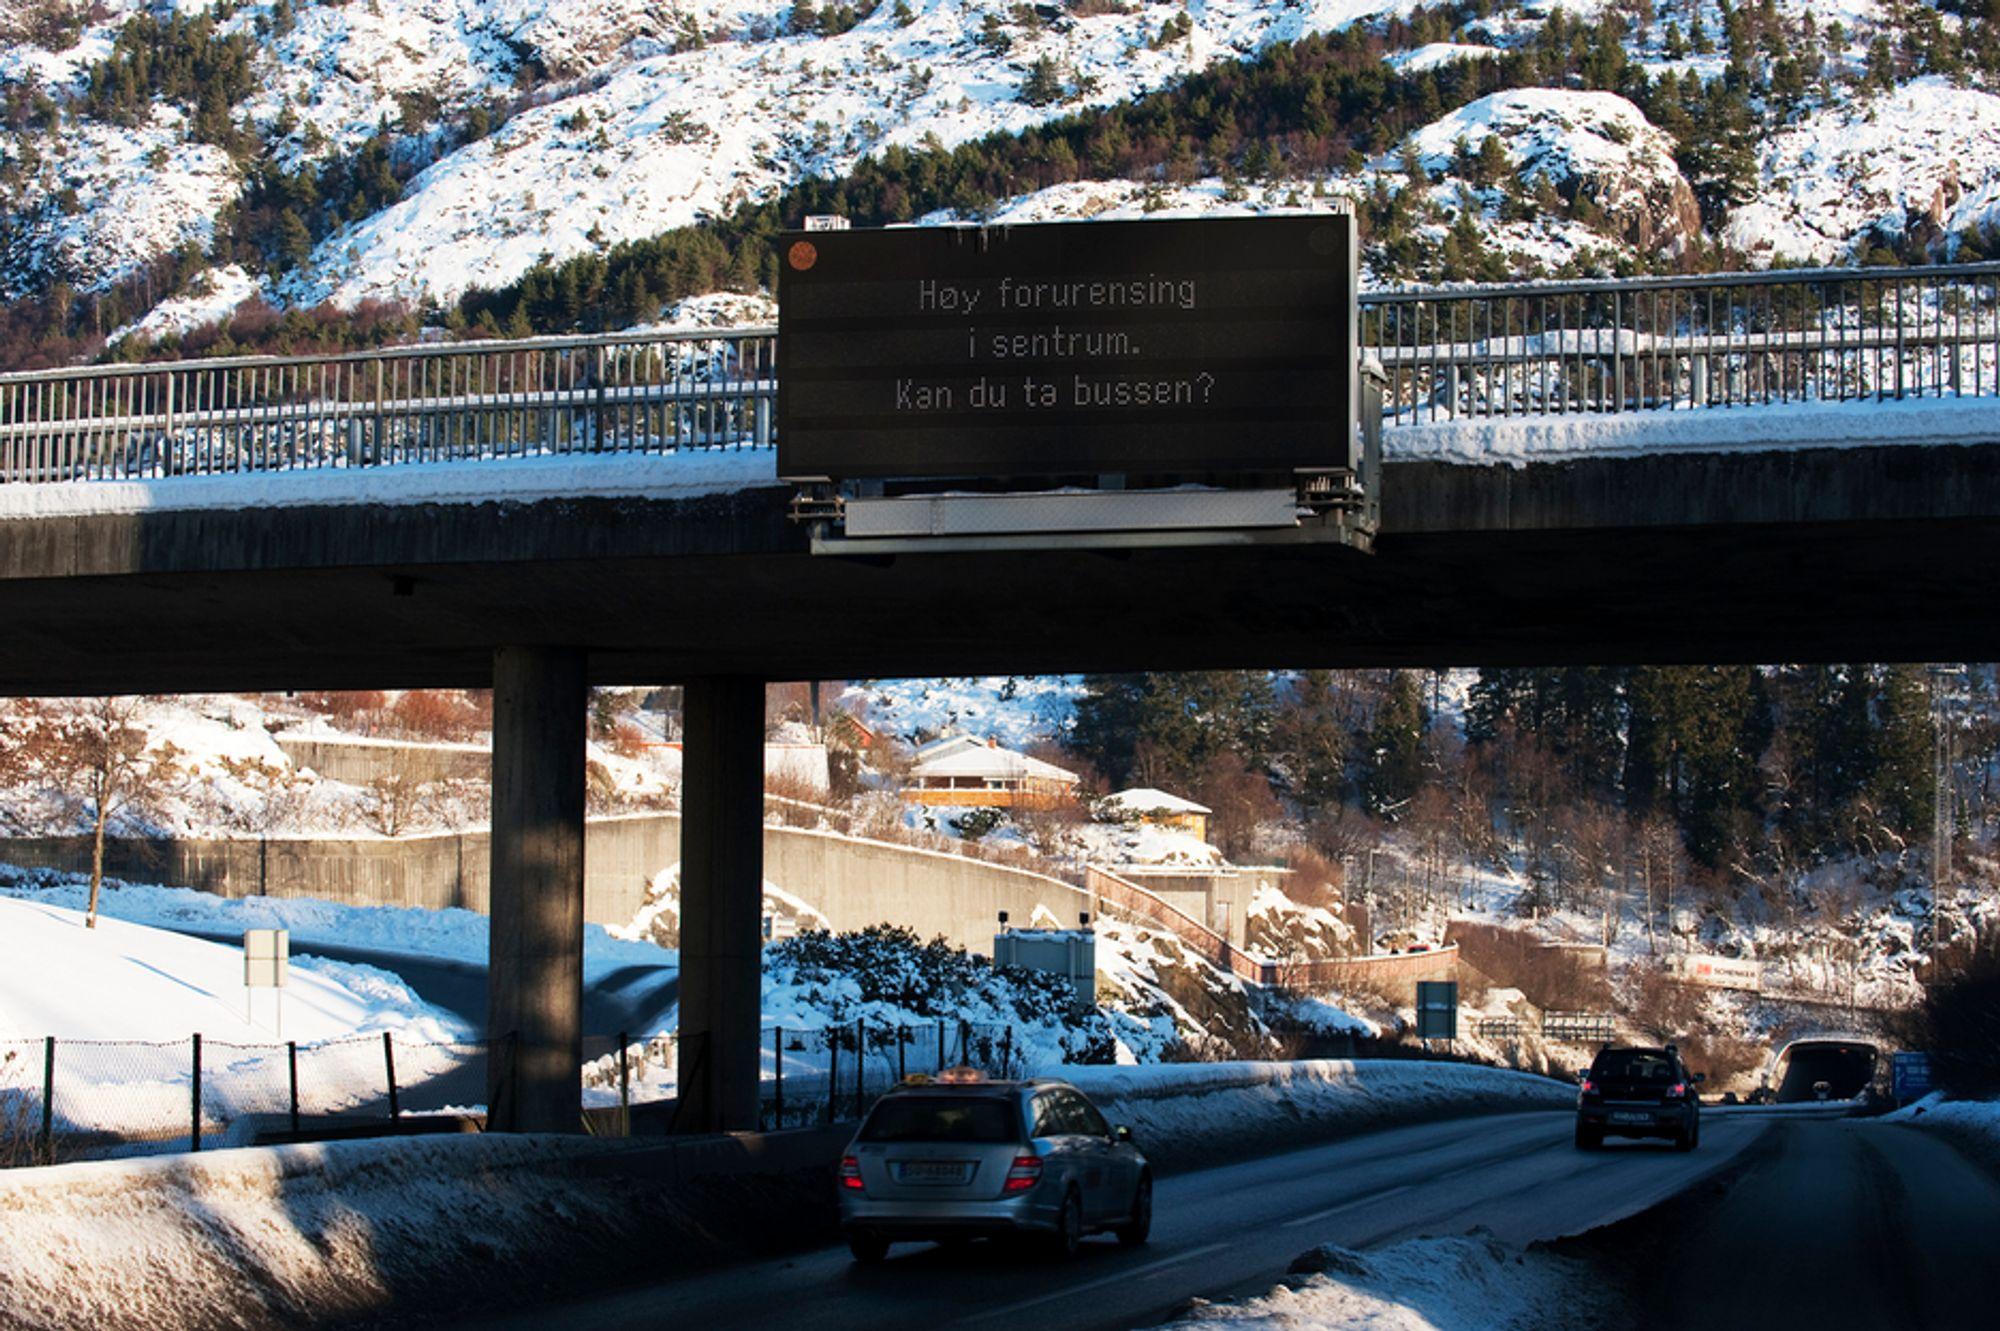 Slik så det ut ved innfartsårene til Bergen tidligere i jaunar. Men etter en uke med elendig luftklima hadde halvparten av bilistene ikke noe valg, da måtte de la bilen stå.